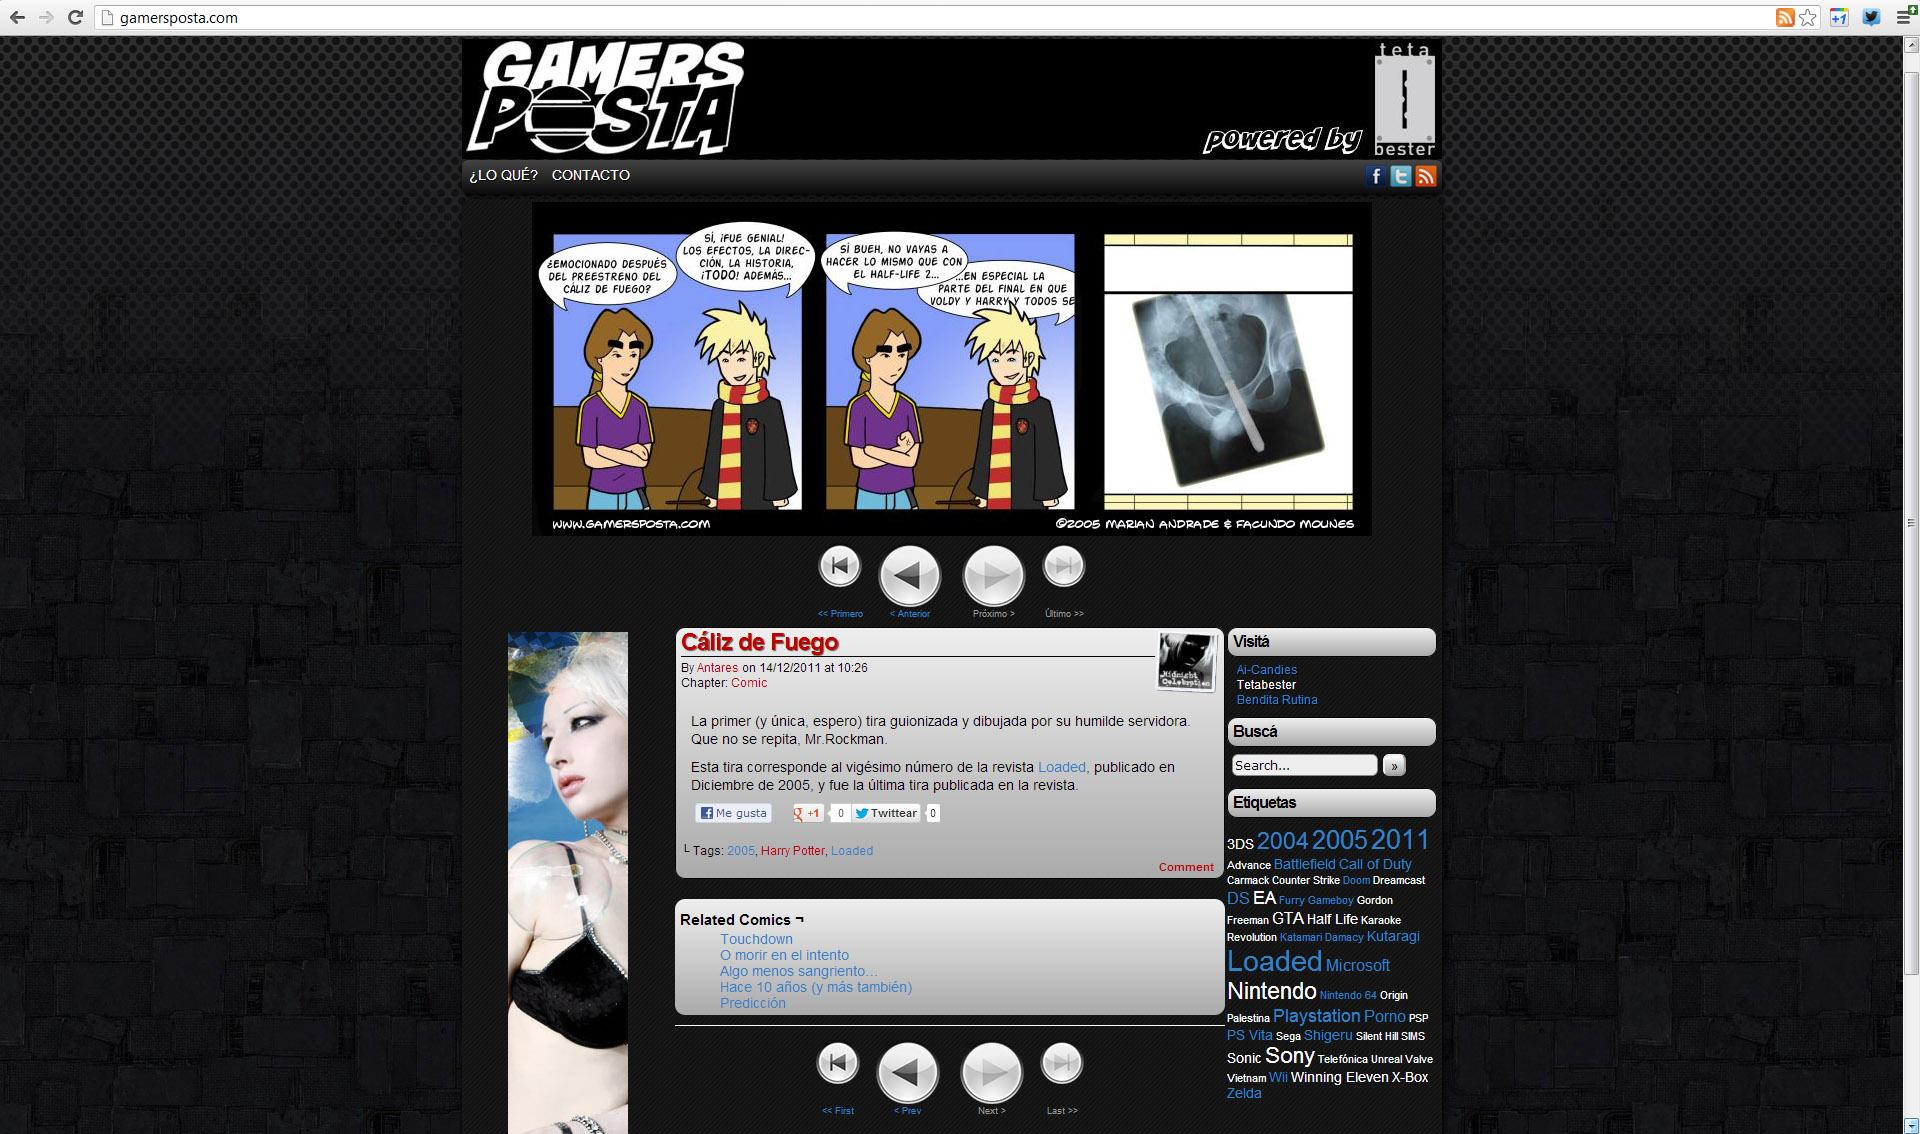 GamersPosta.com